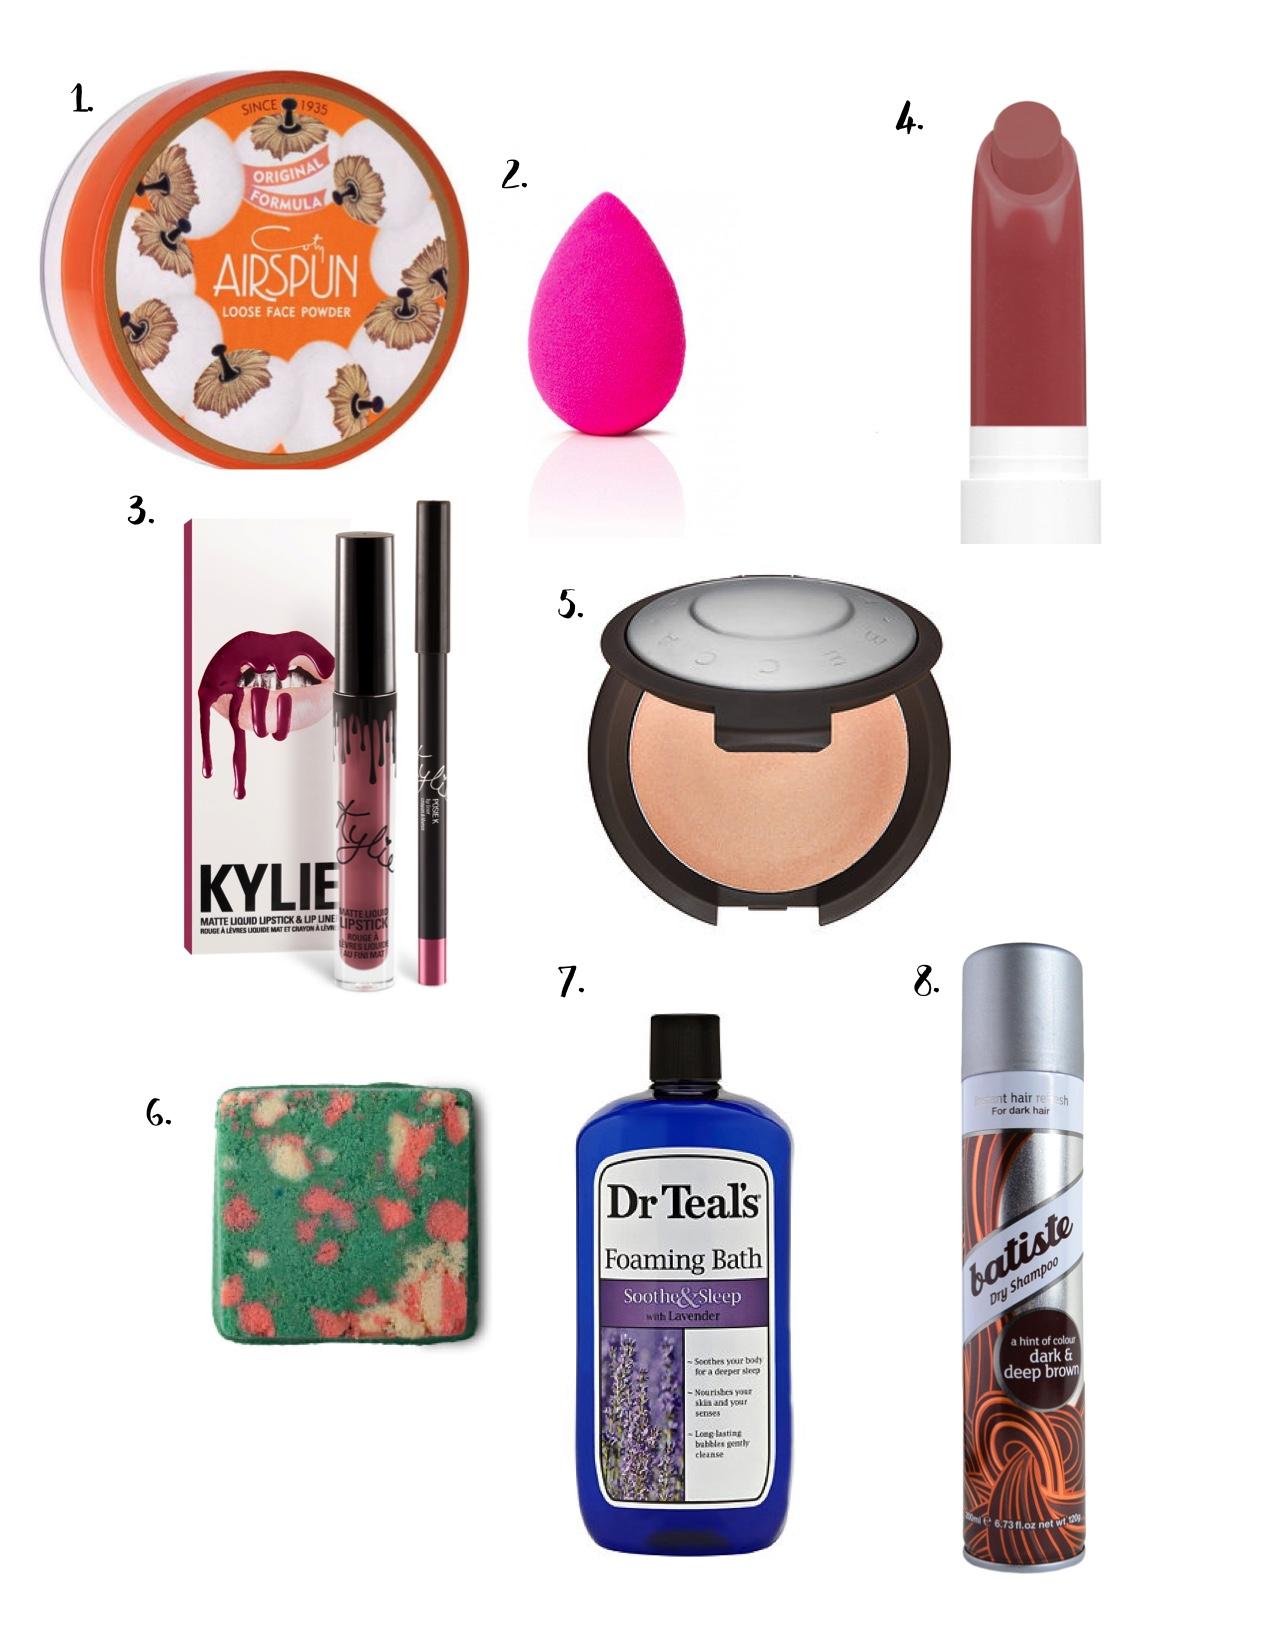 Dark Hair clipart beauty product #10